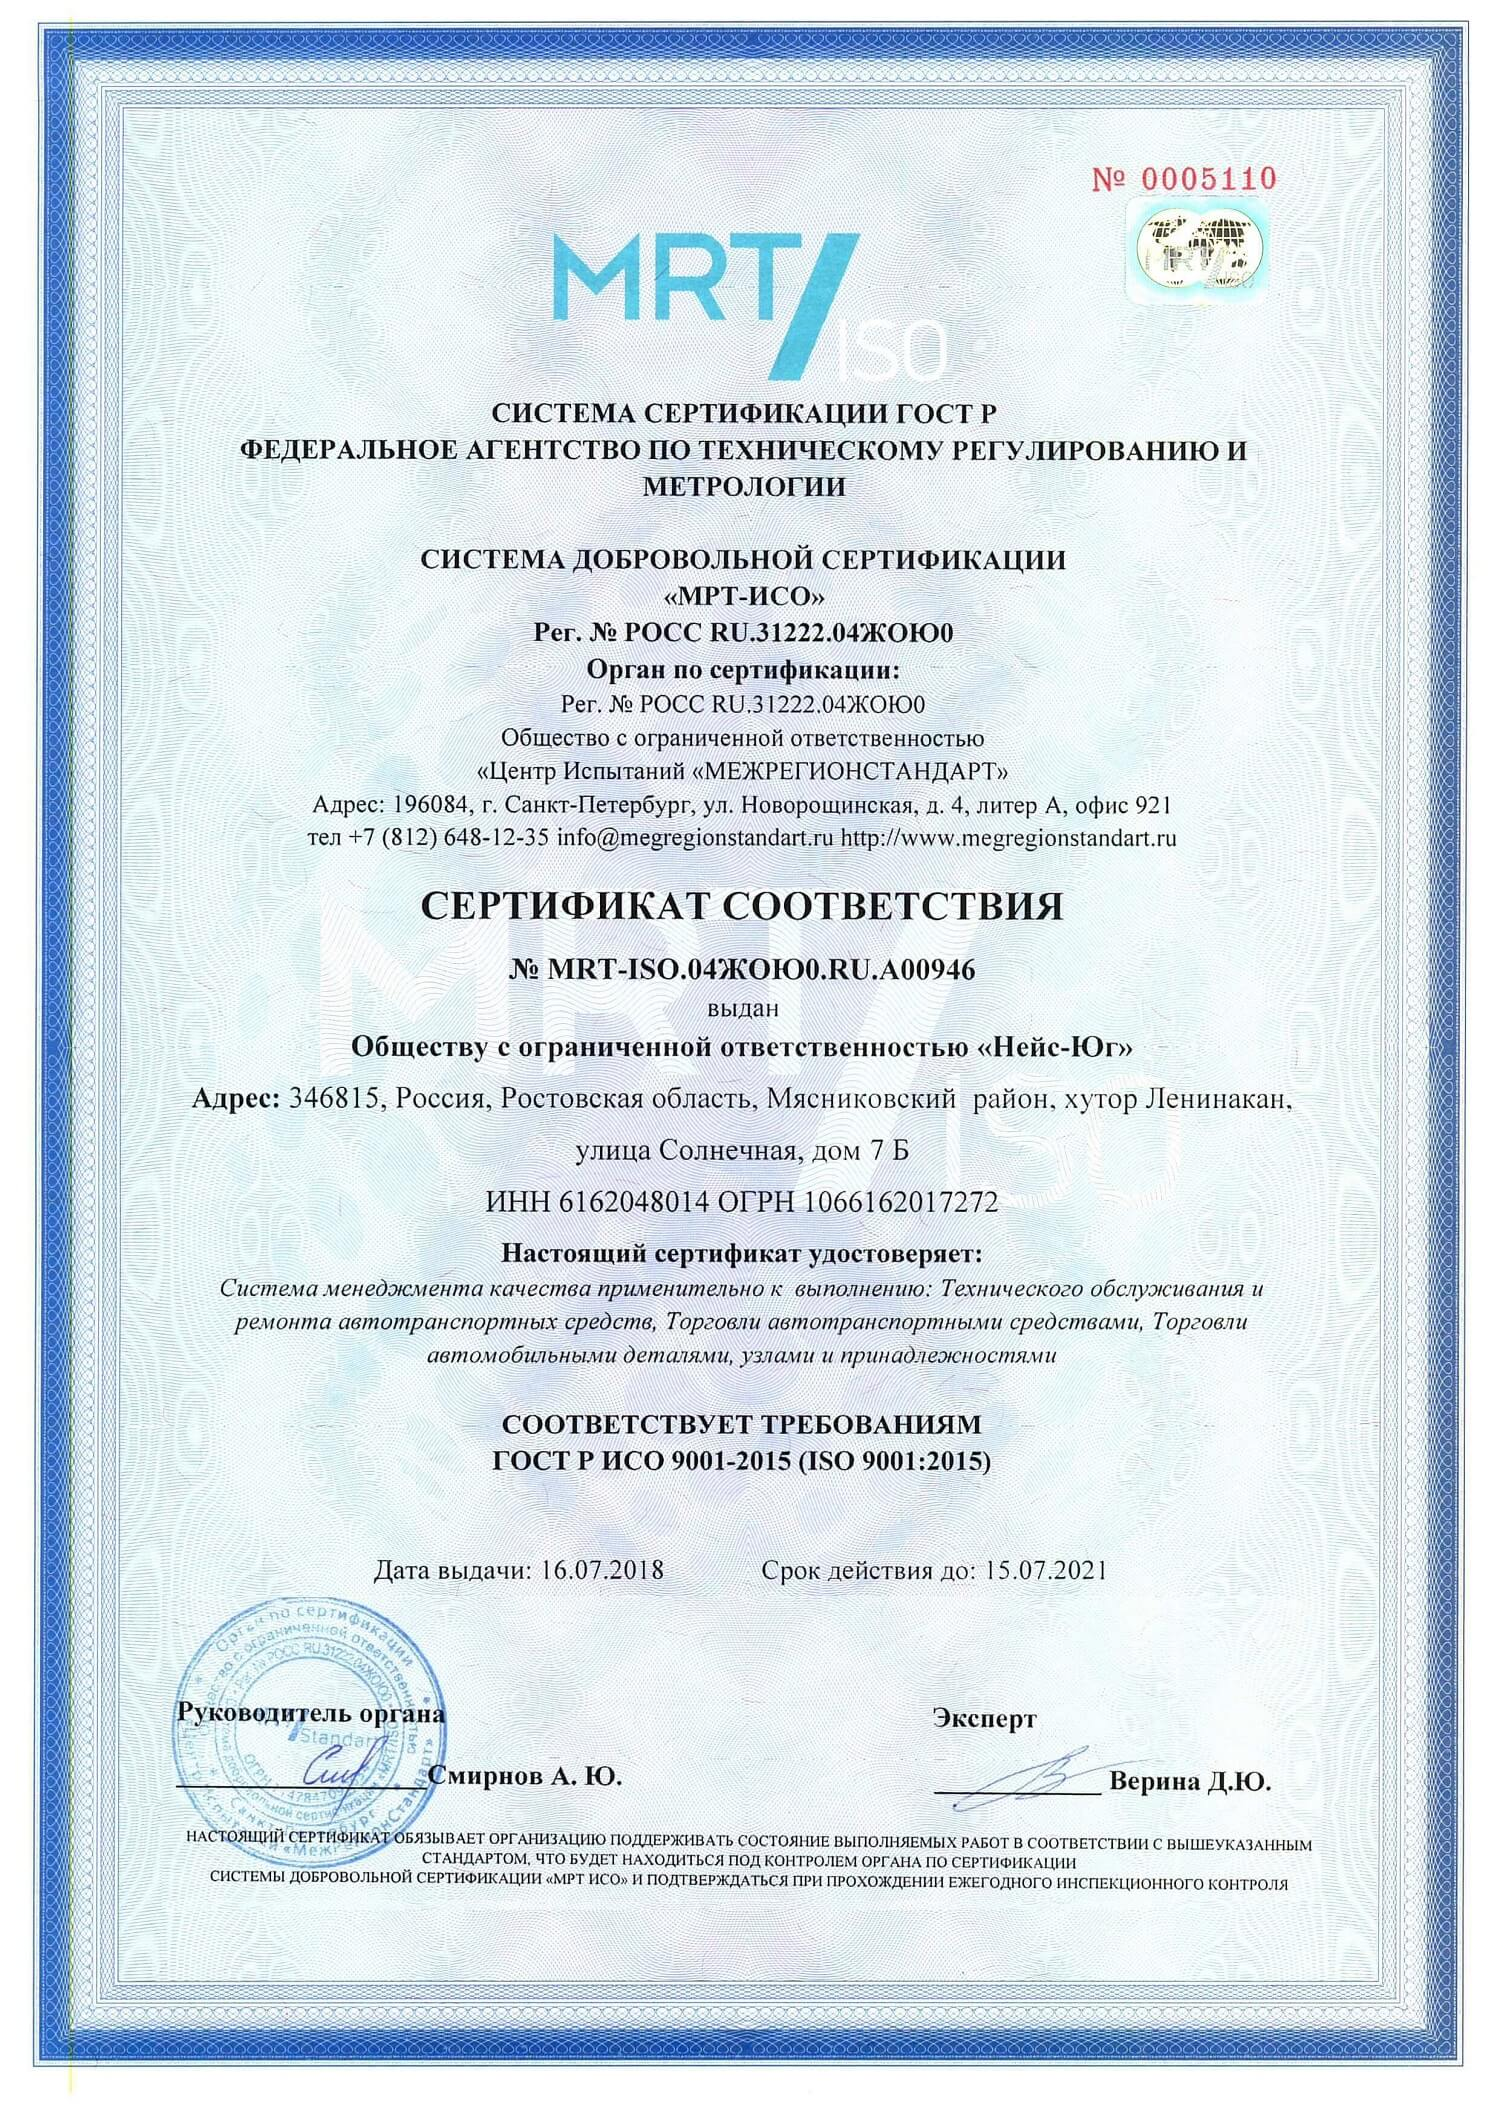 Сертификат соответствия ООО «Нейс-Юг»